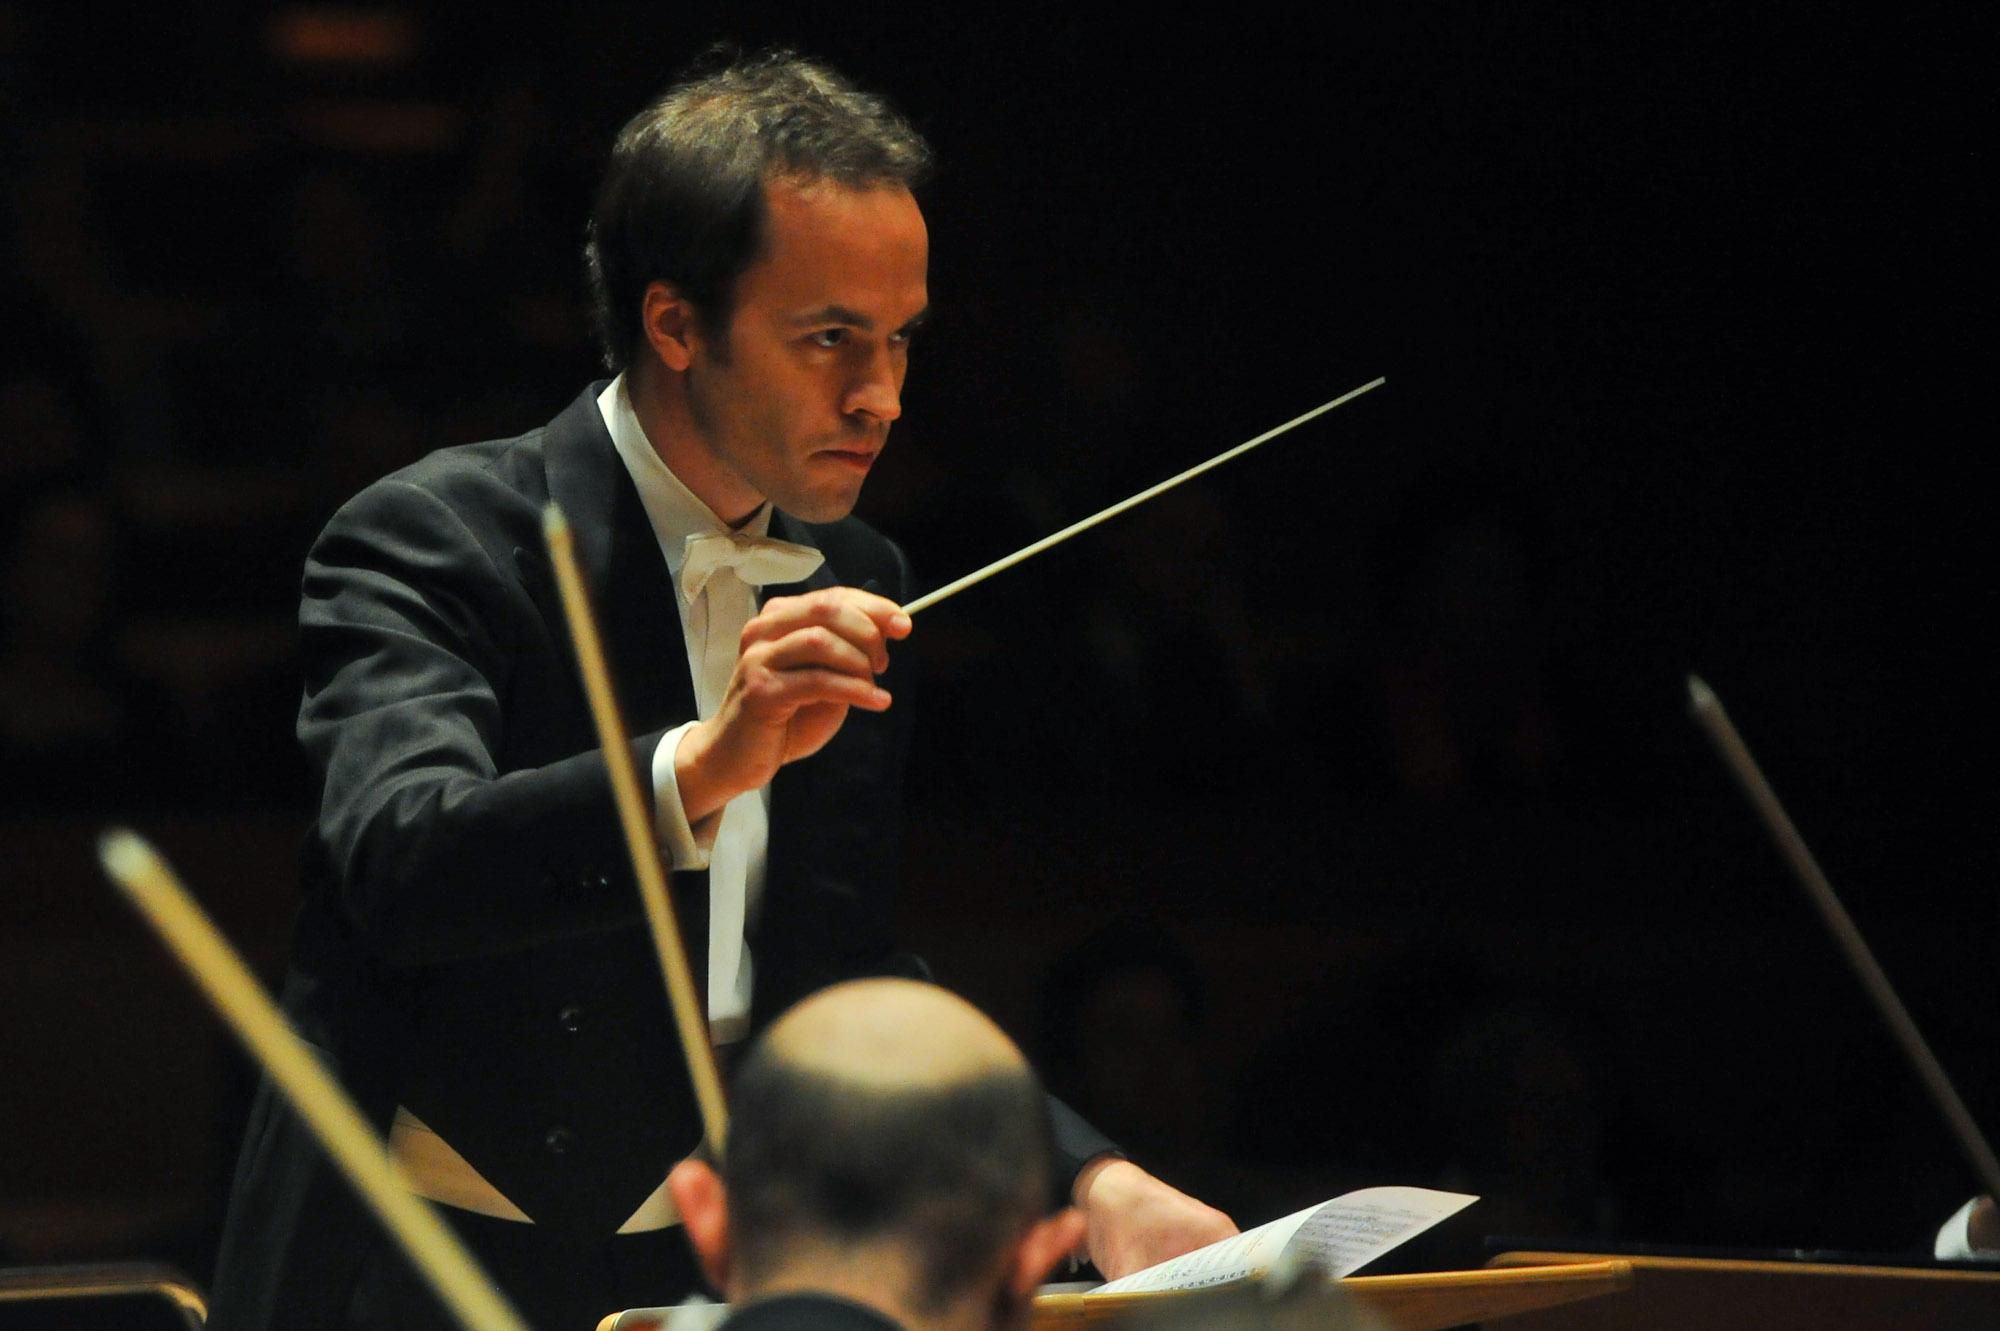 Johannes-Debus-Orchestra-Haydn-ilnordest